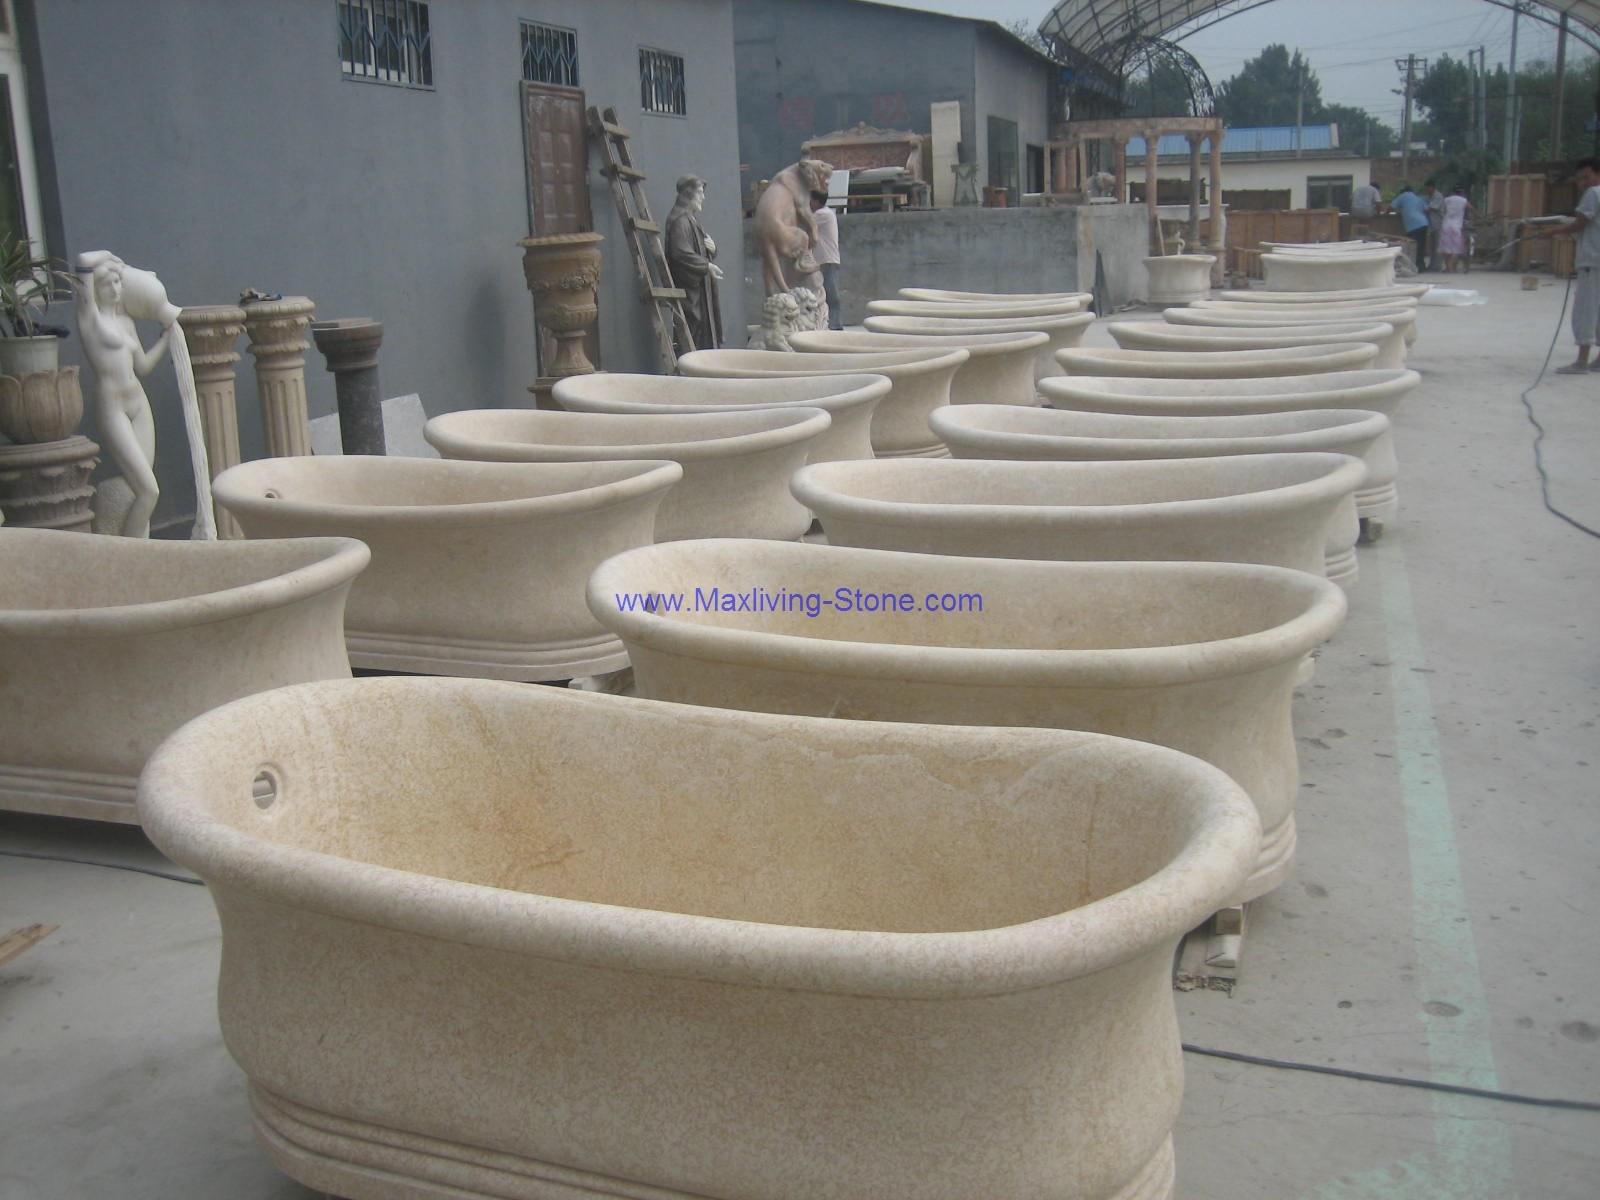 Vasca Da Bagno Marmo Prezzi : Bagno marmo prezzo top cucina ceramica piano in marmo bagno foto